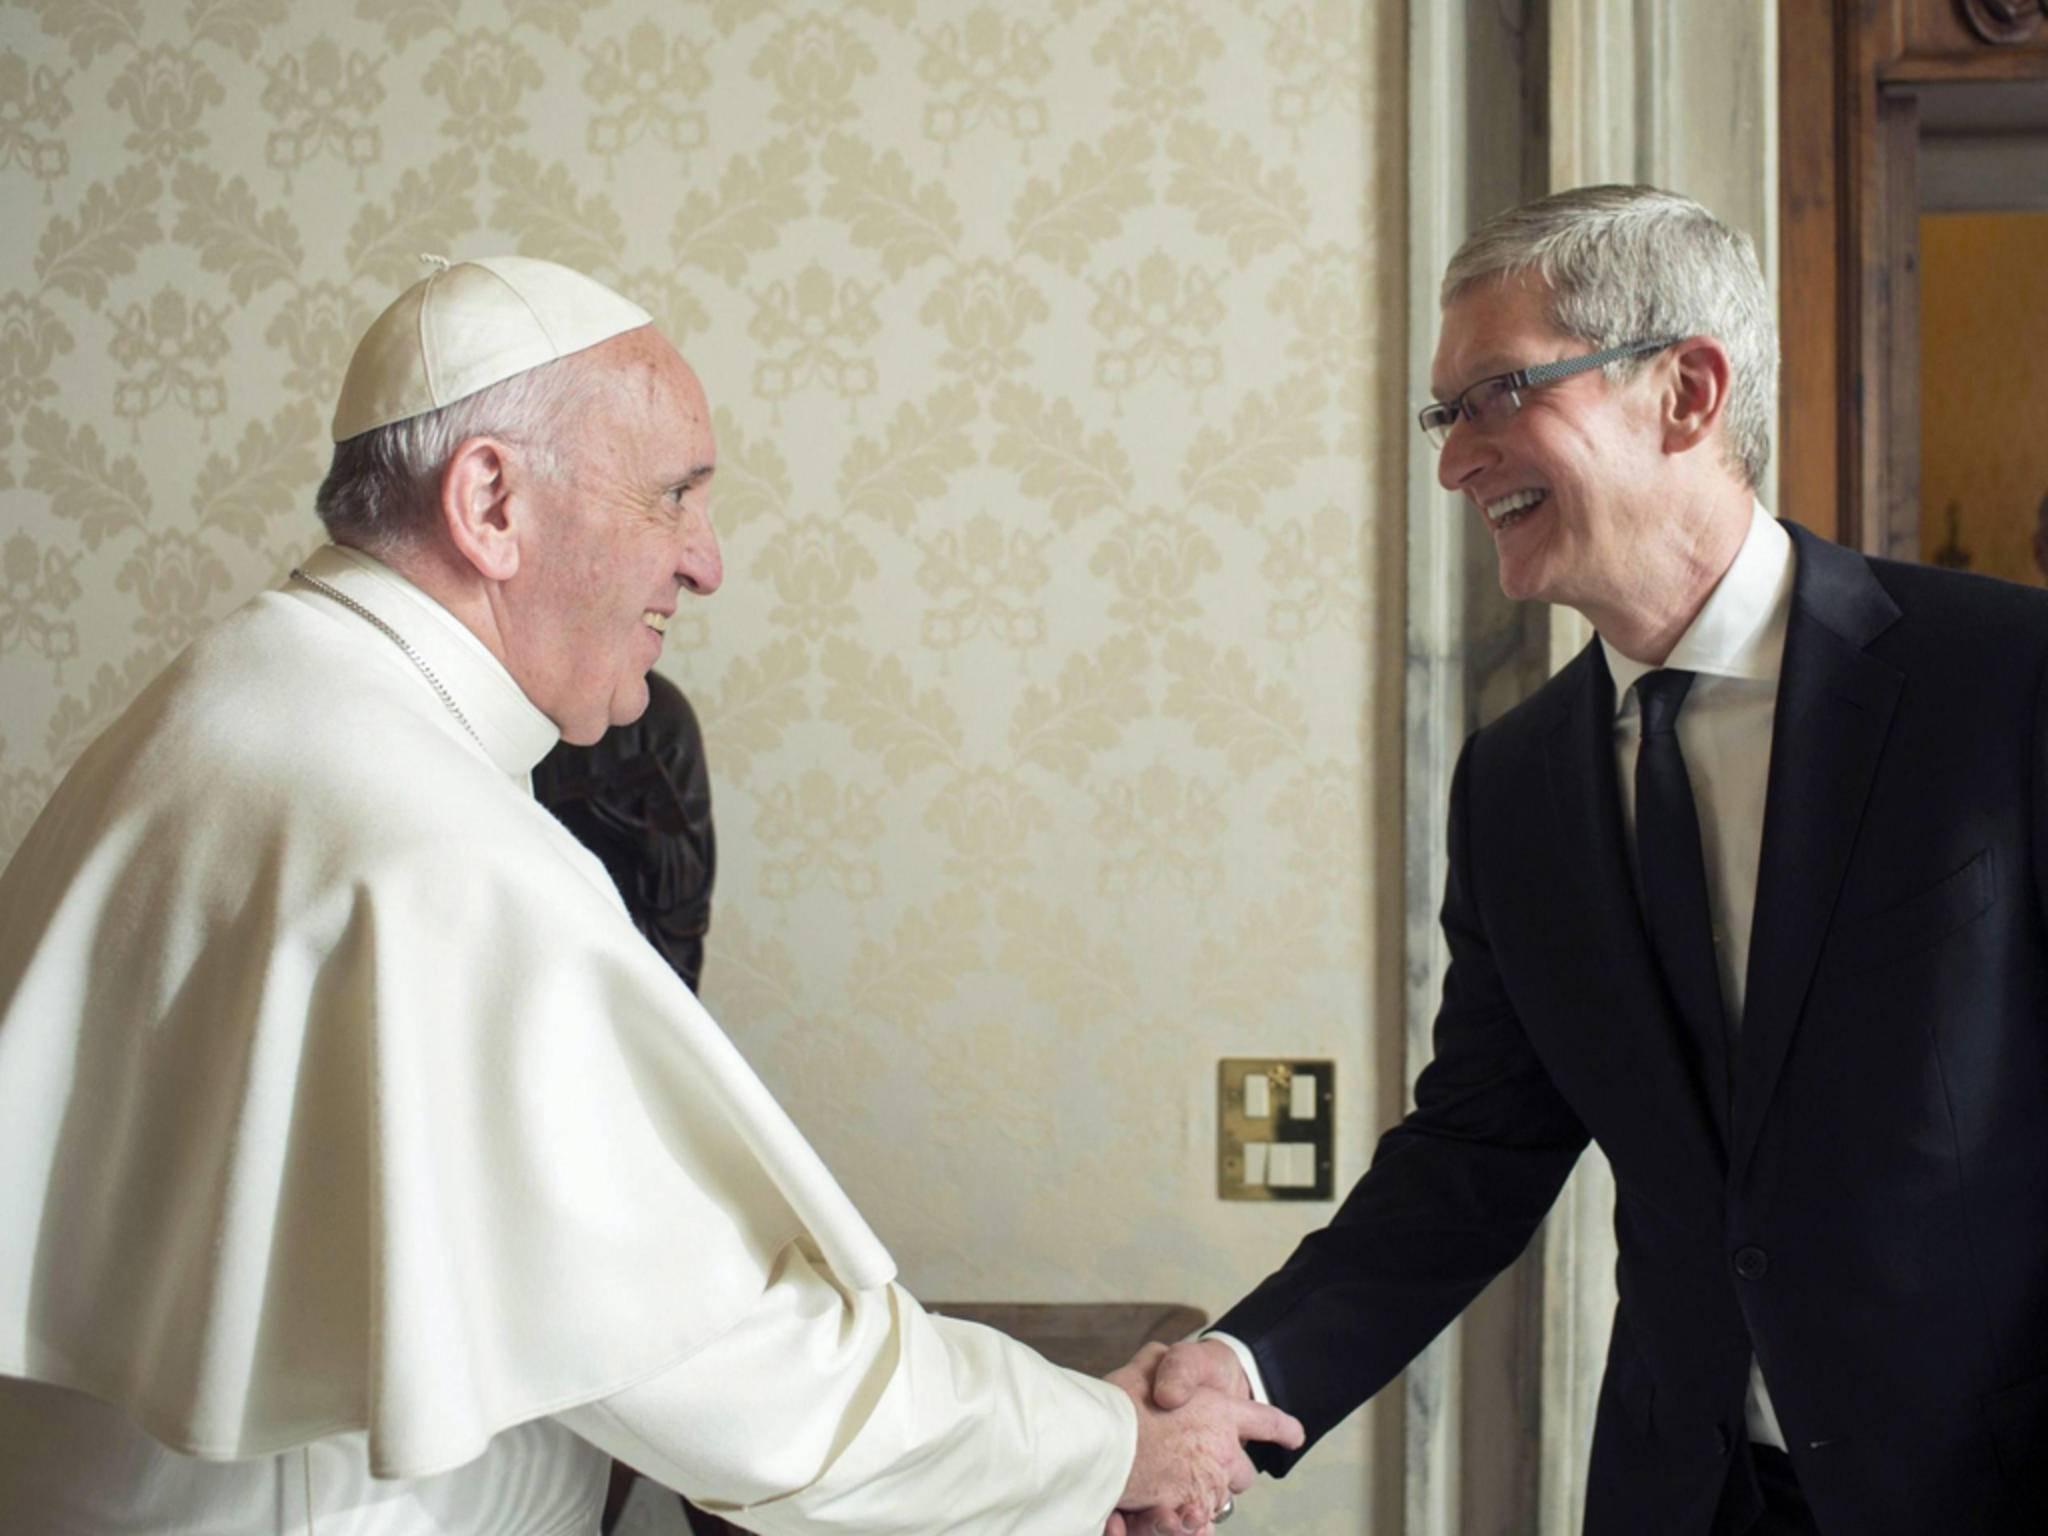 Für ein Shake-hands mit Tim Cook muss man nicht der Papst sein – 610.000 Dollar reichen auch...